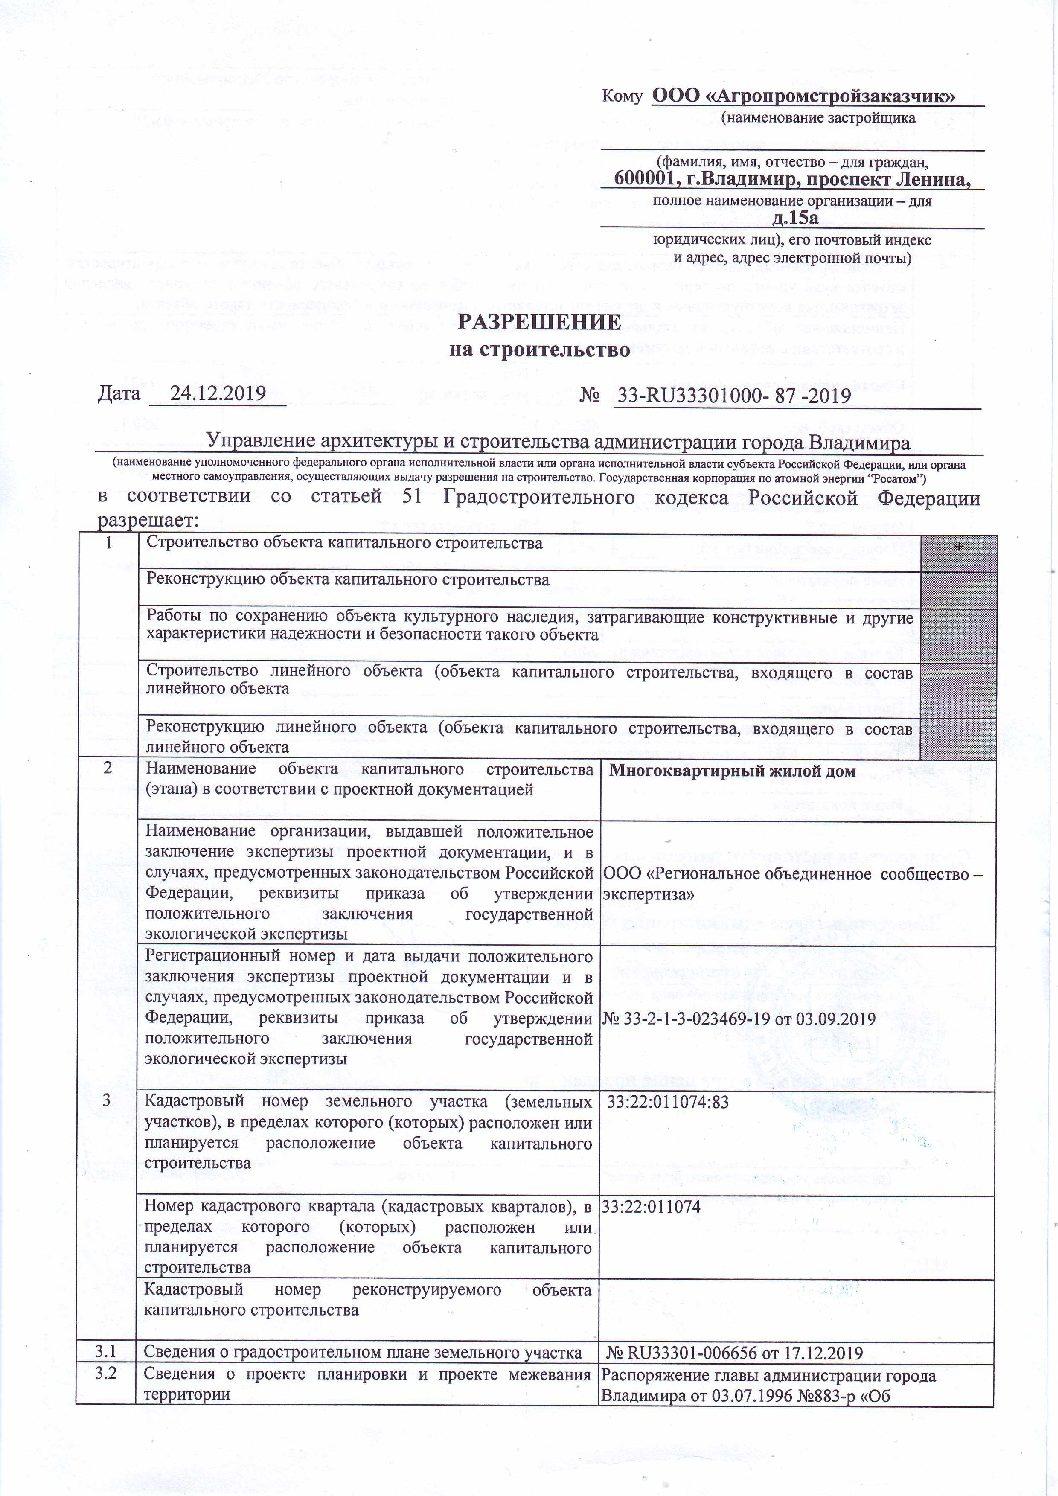 РАЗРЕШЕНИЕ-НА-СТРОИТЕЛЬСТВО-ОТ-24.12.2019Г.-pdf